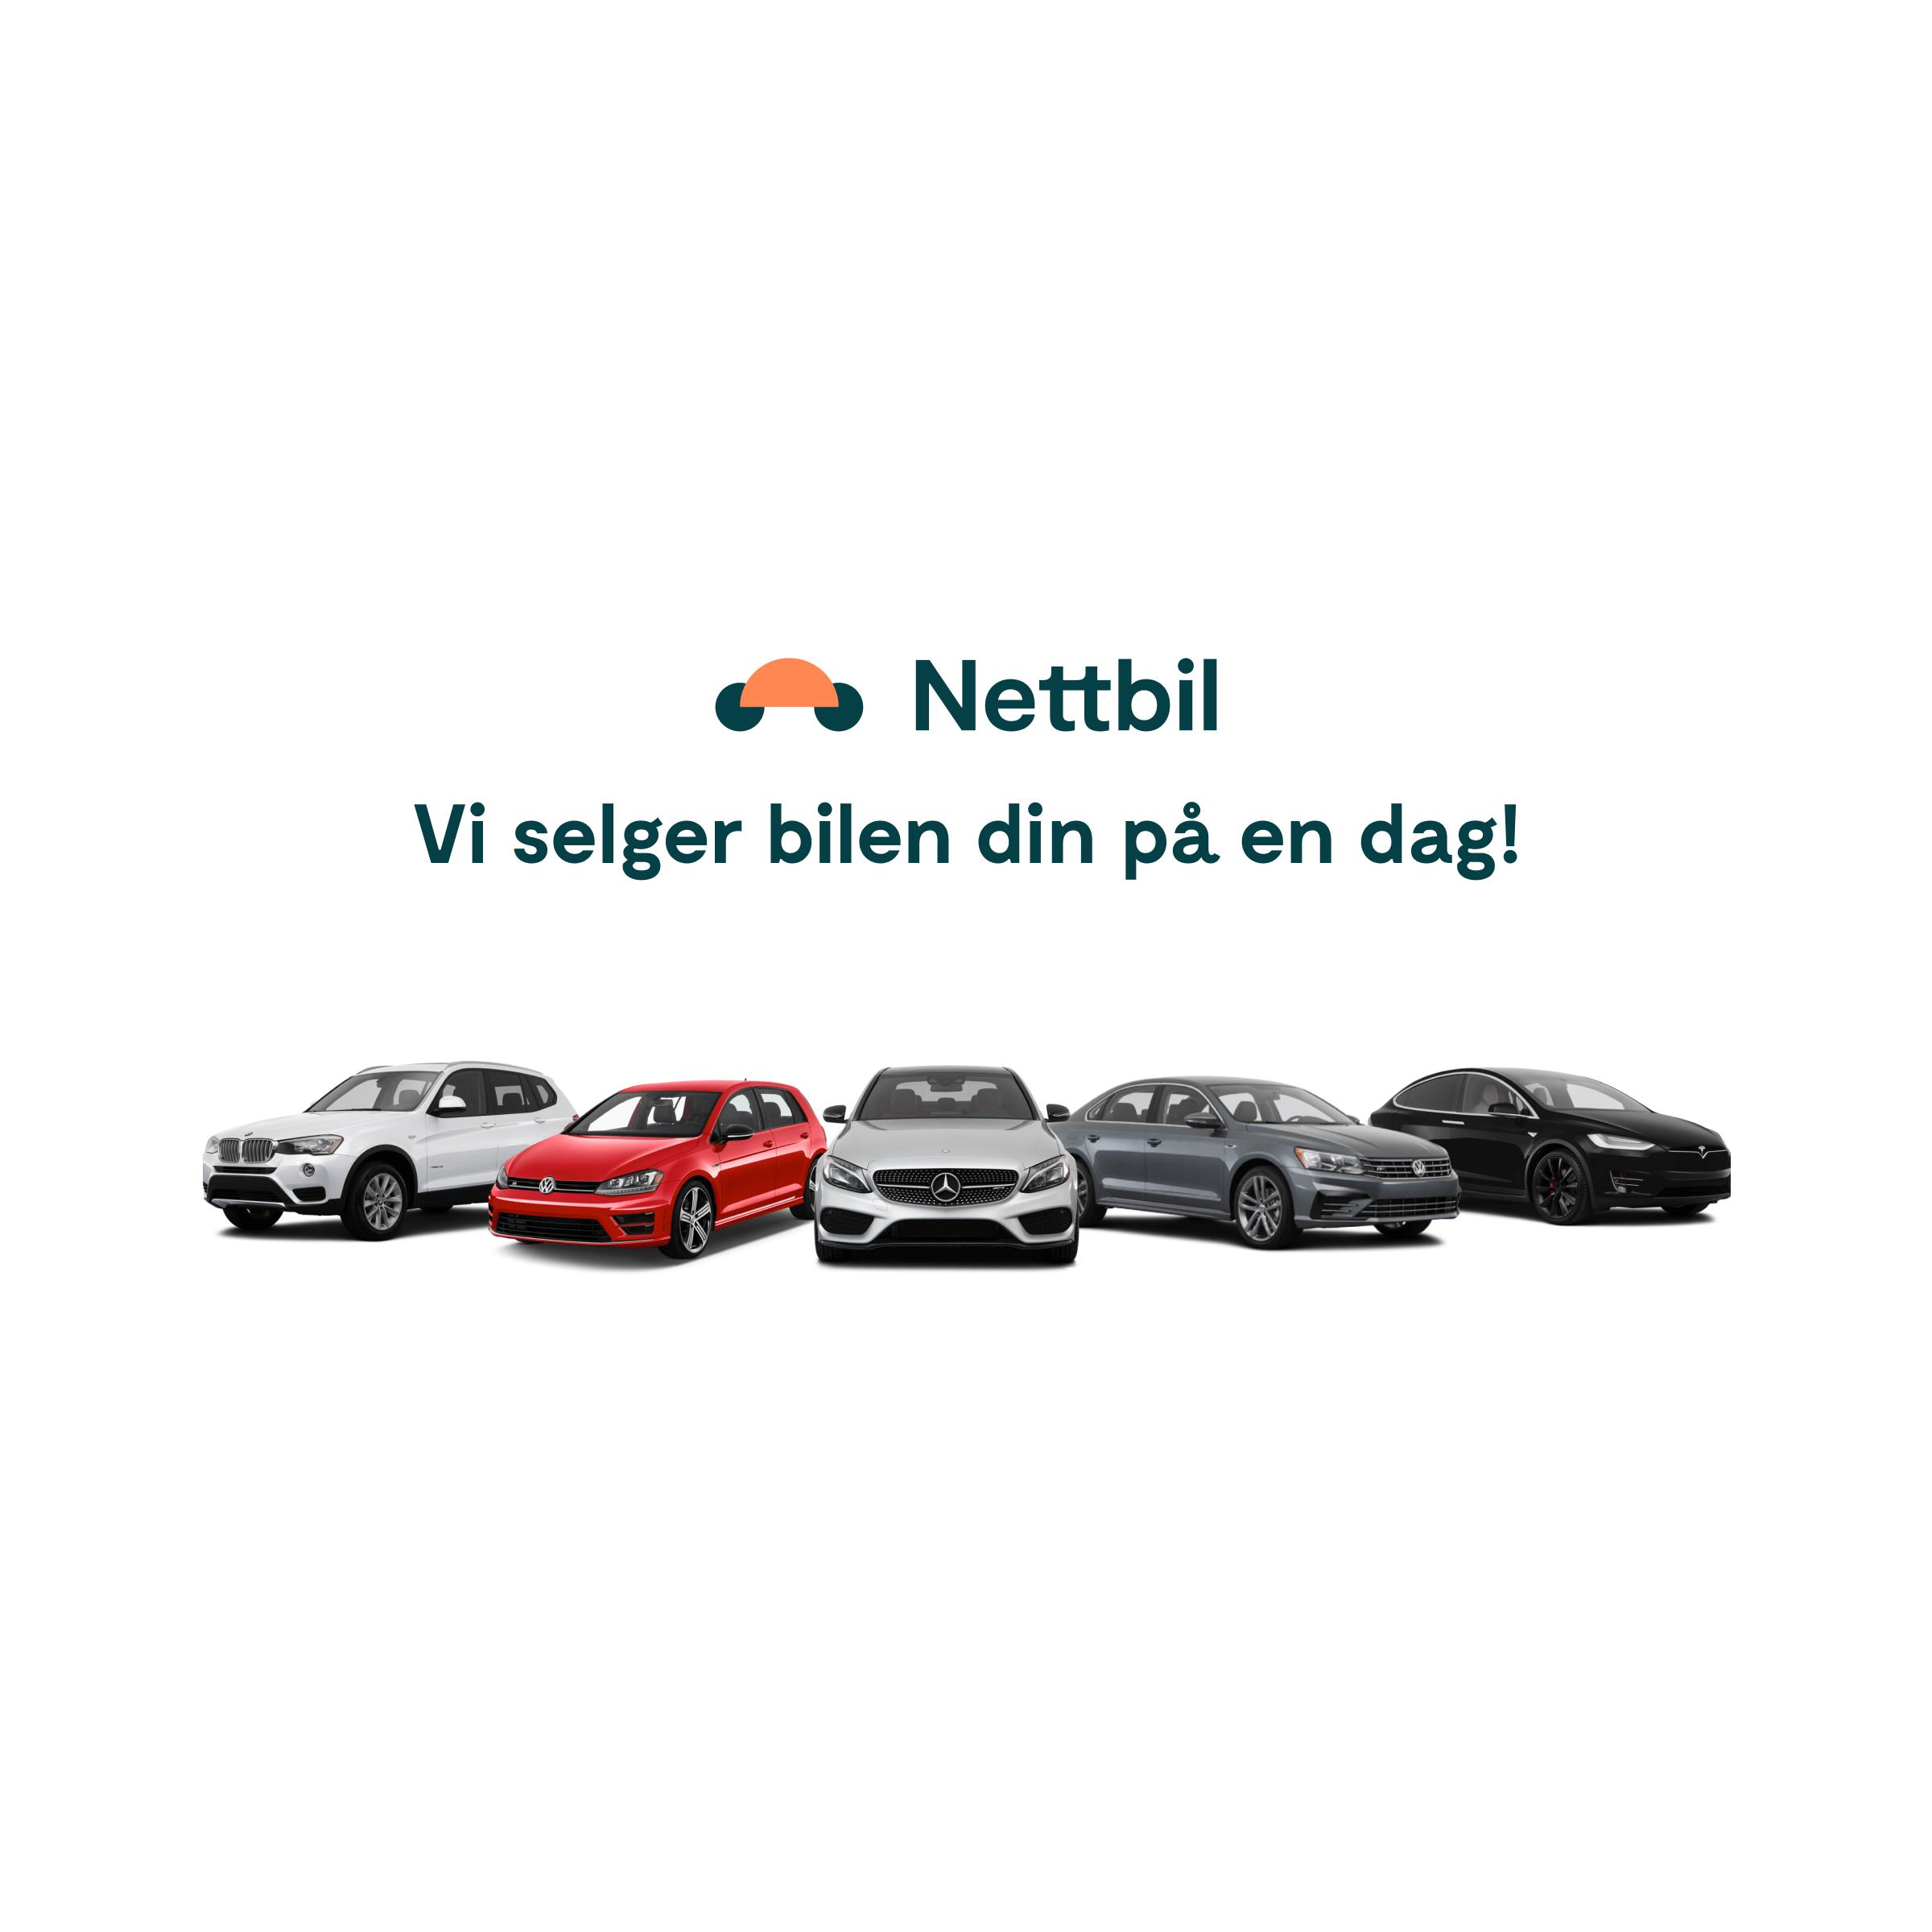 665013e2 Nettbil.no: Selg bilen på nett - Få tilbud fra bilforhandlere